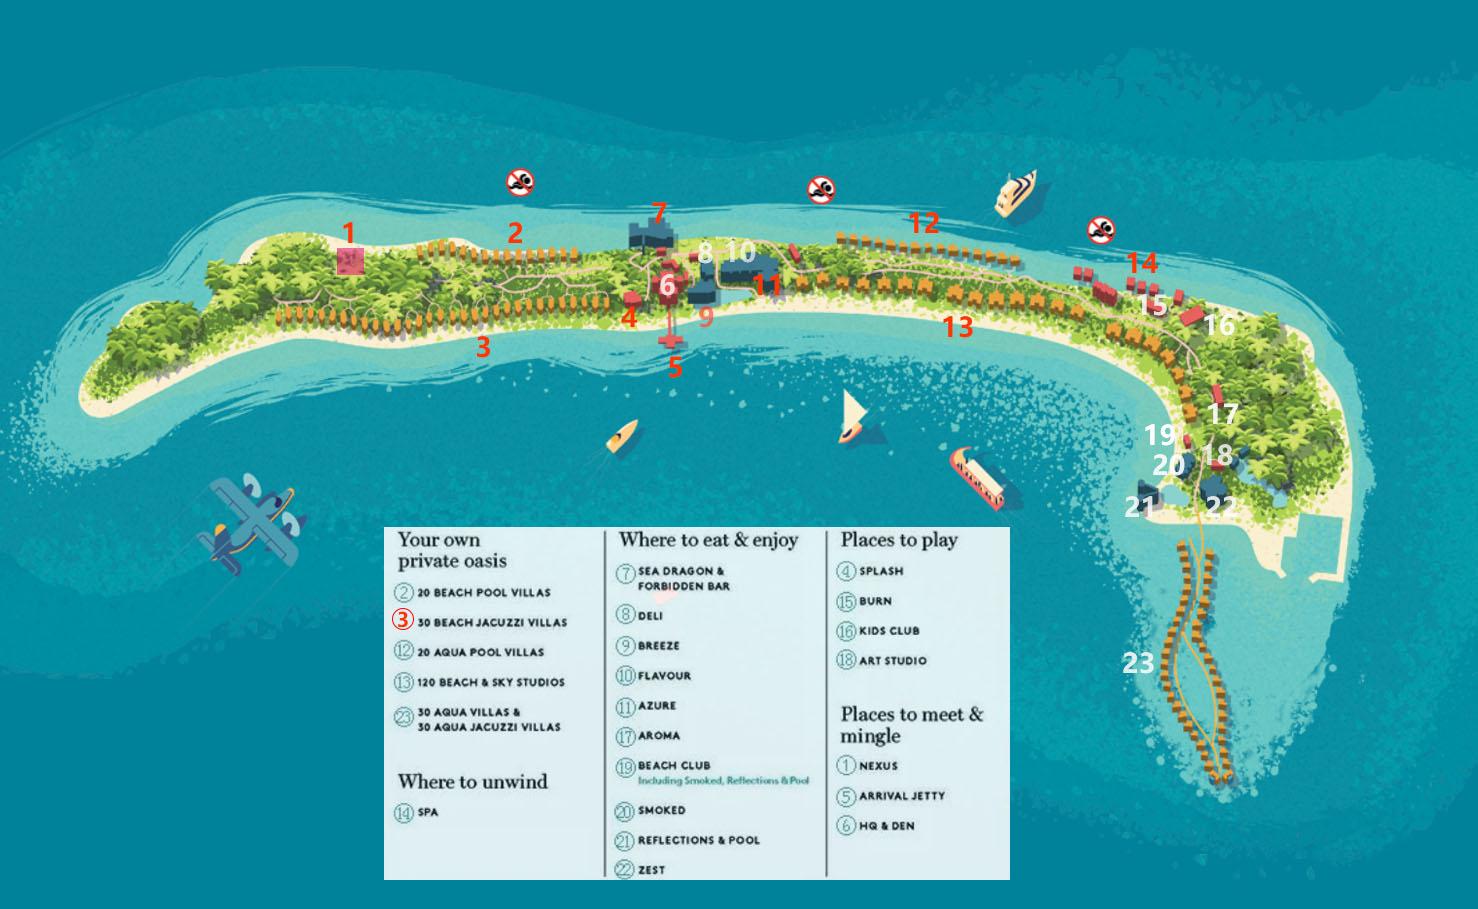 马尔代夫 康迪玛|坎迪玛 Kandima Maldives 平面地图查看